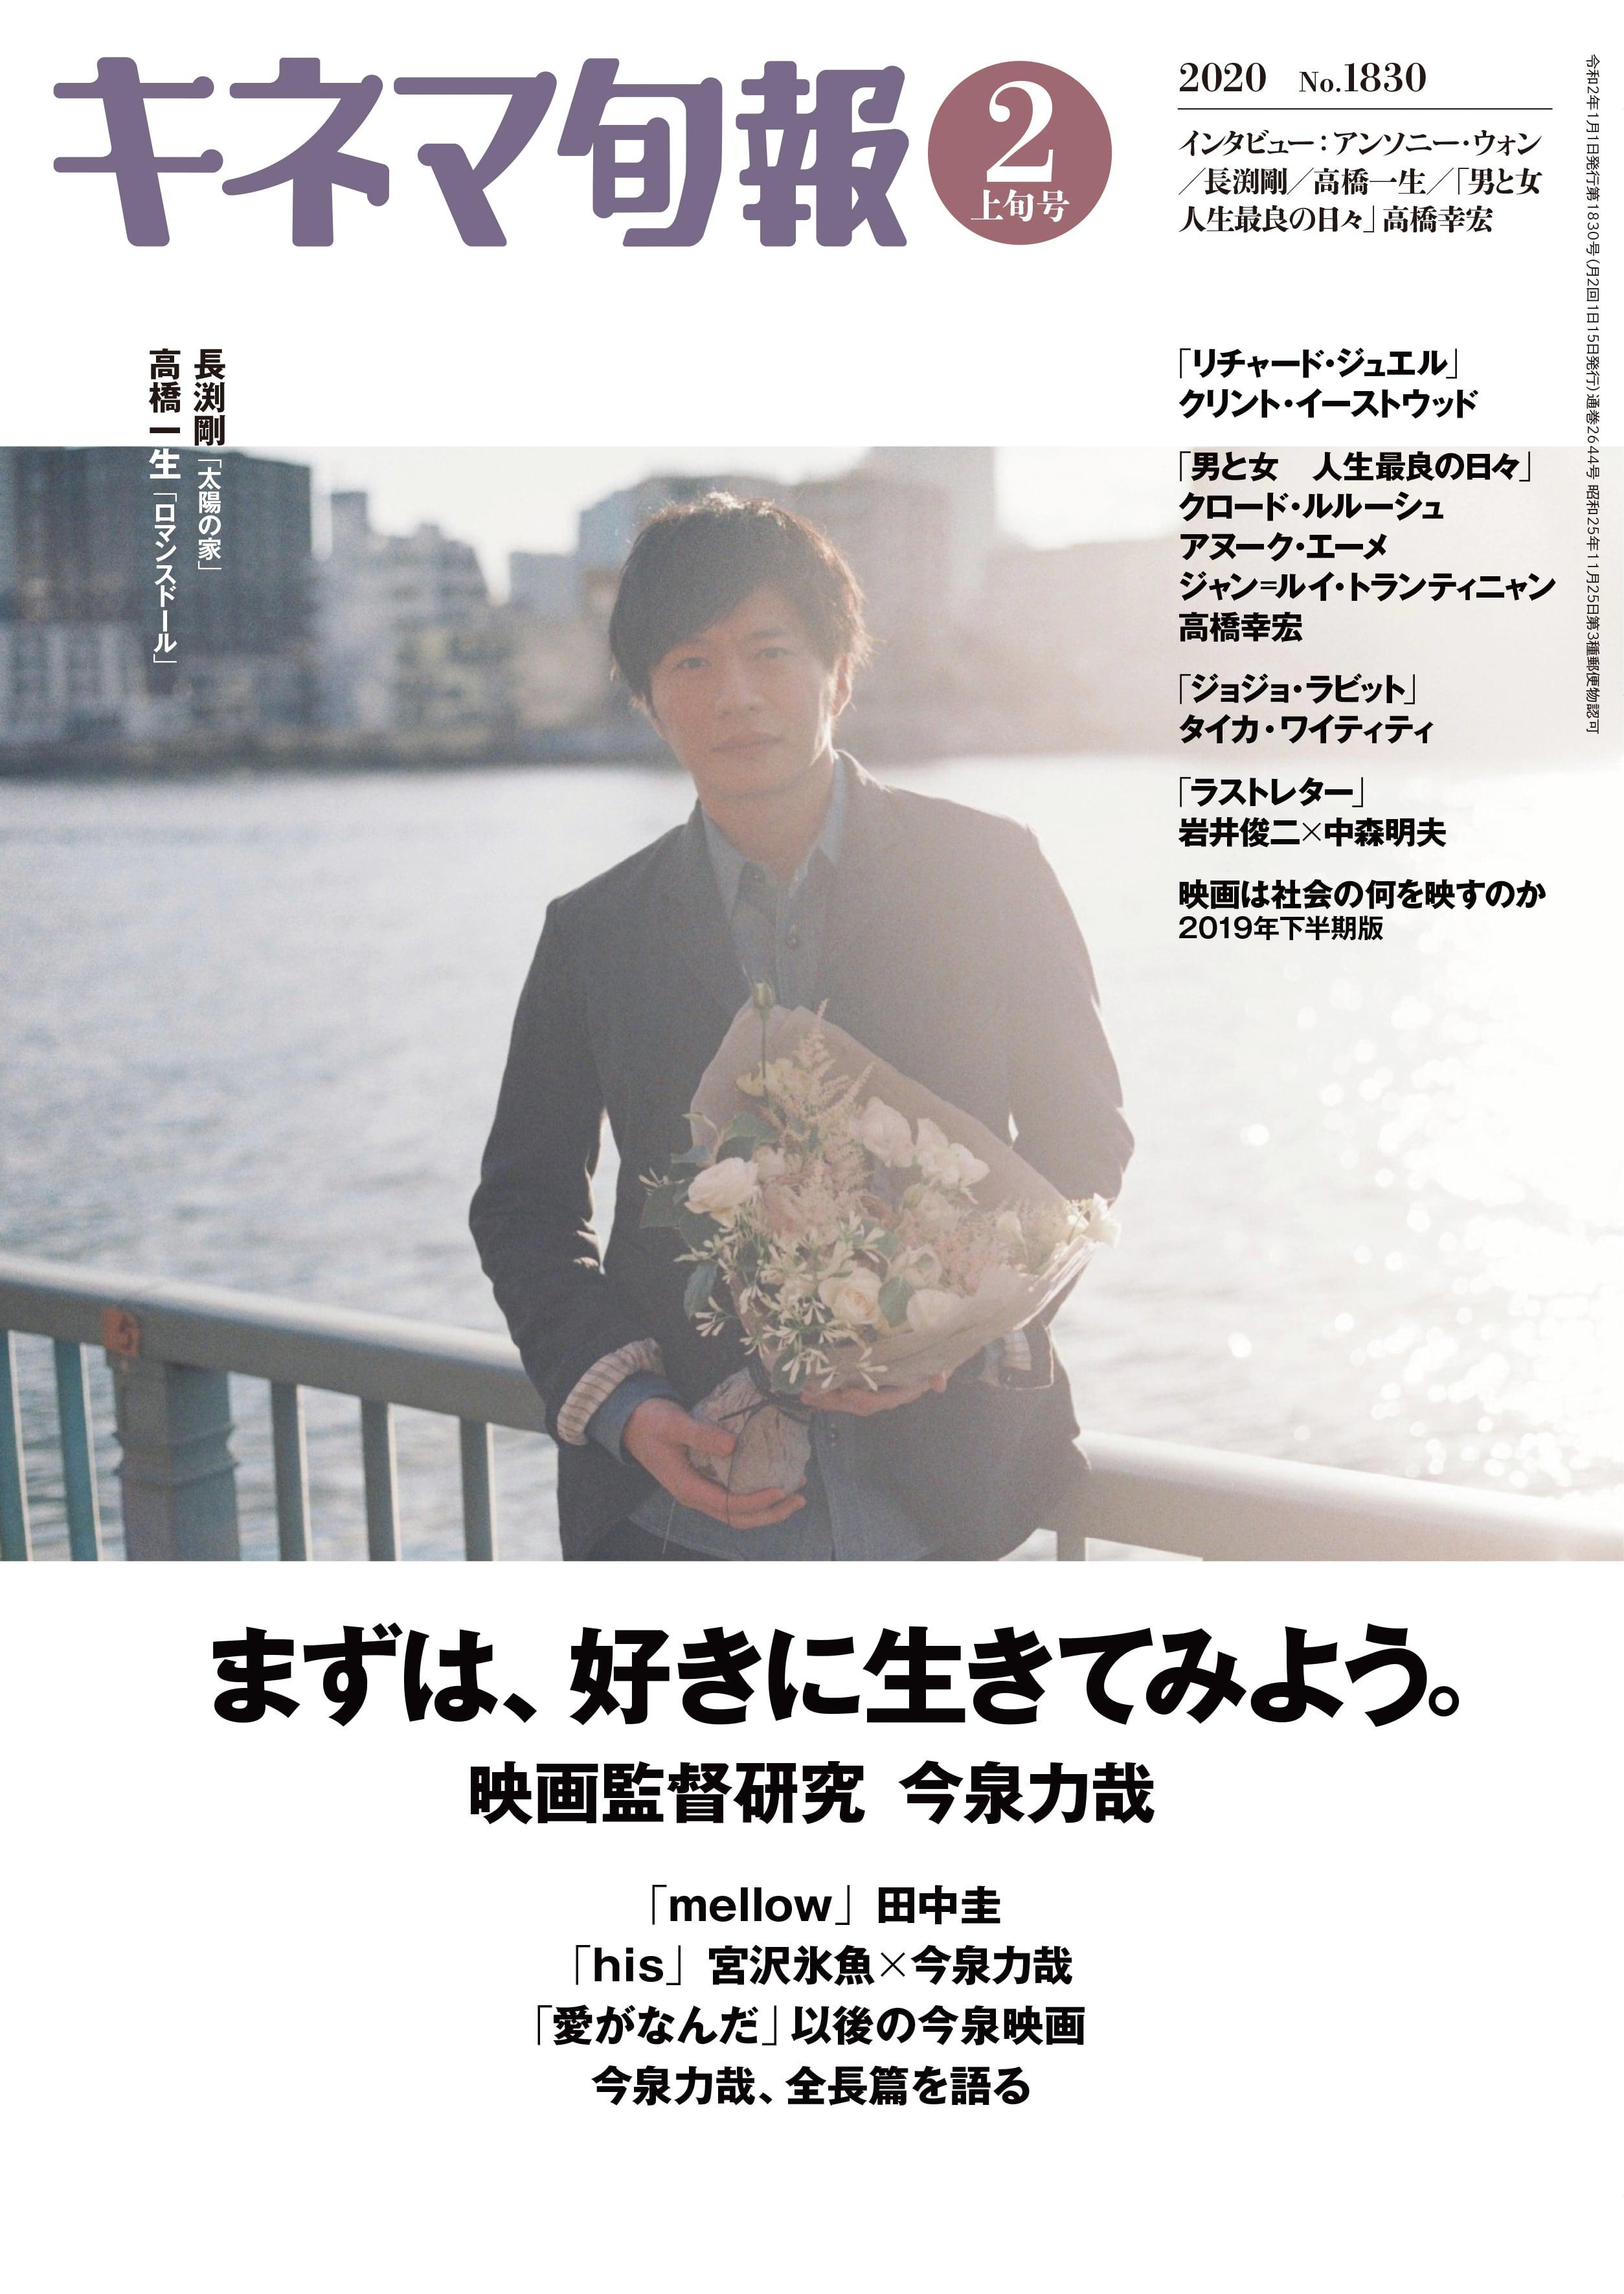 キネマ旬報 2020年2月上旬号 No.1830